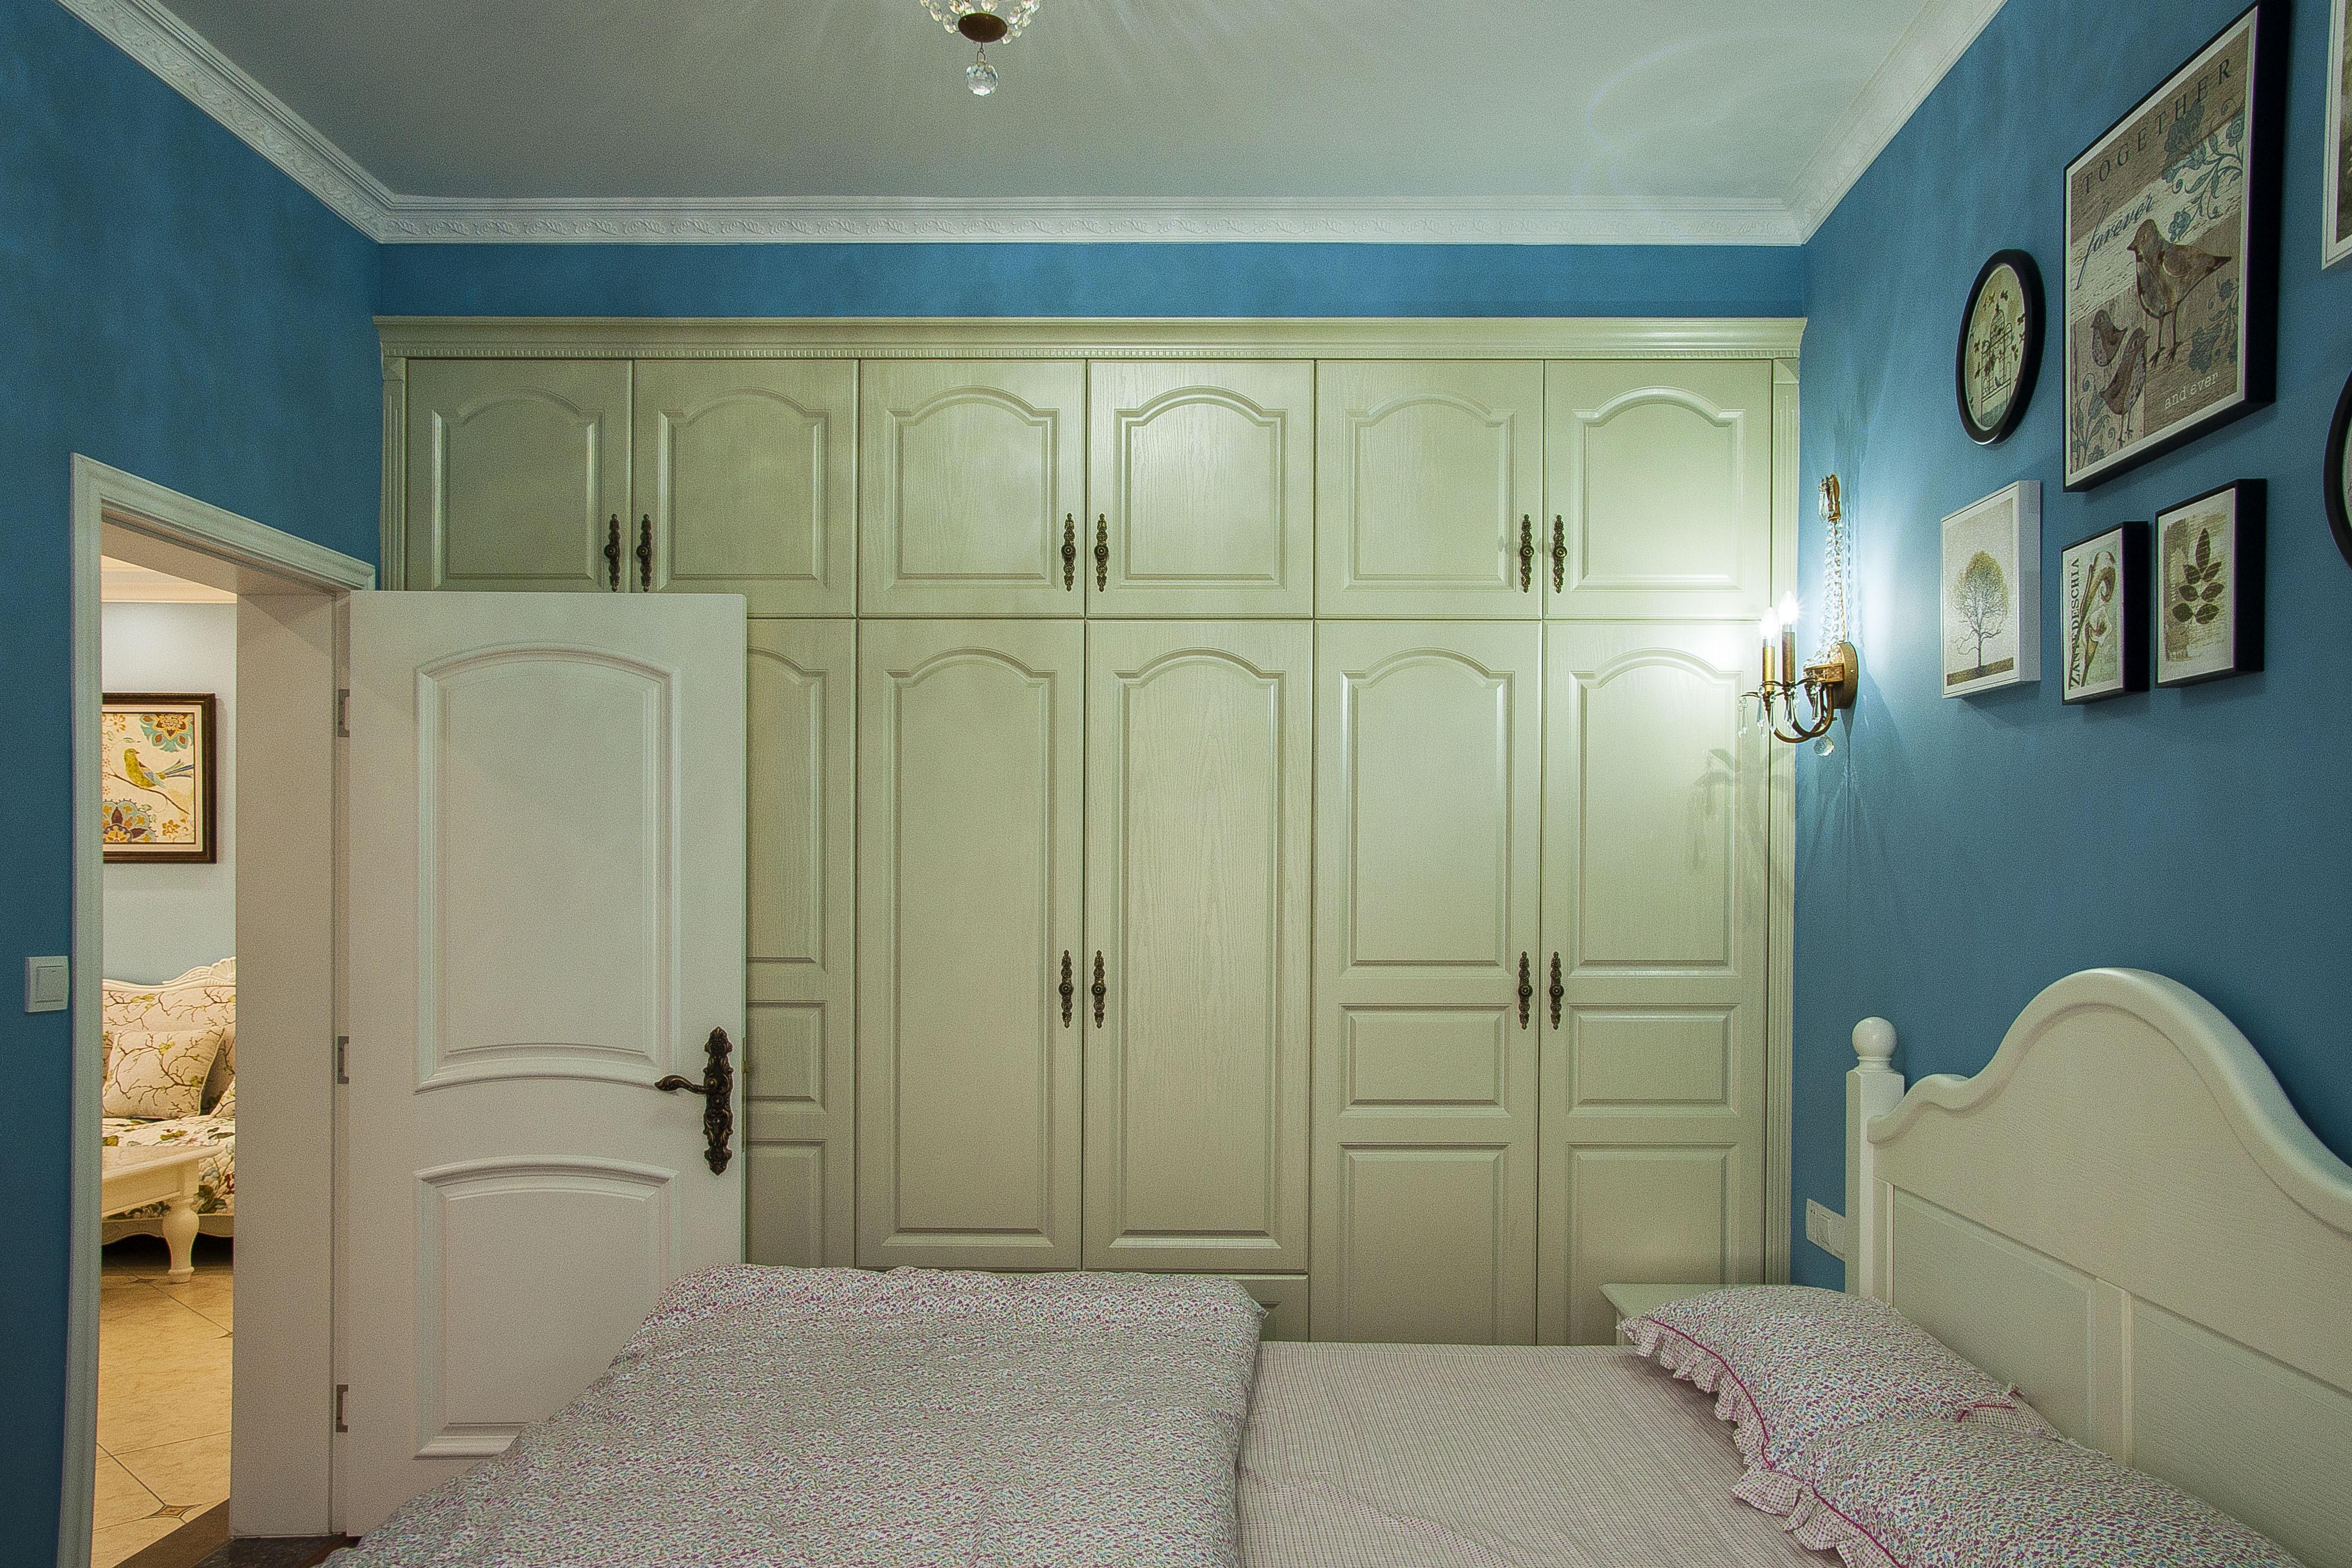 二居室法式风格家衣柜图片